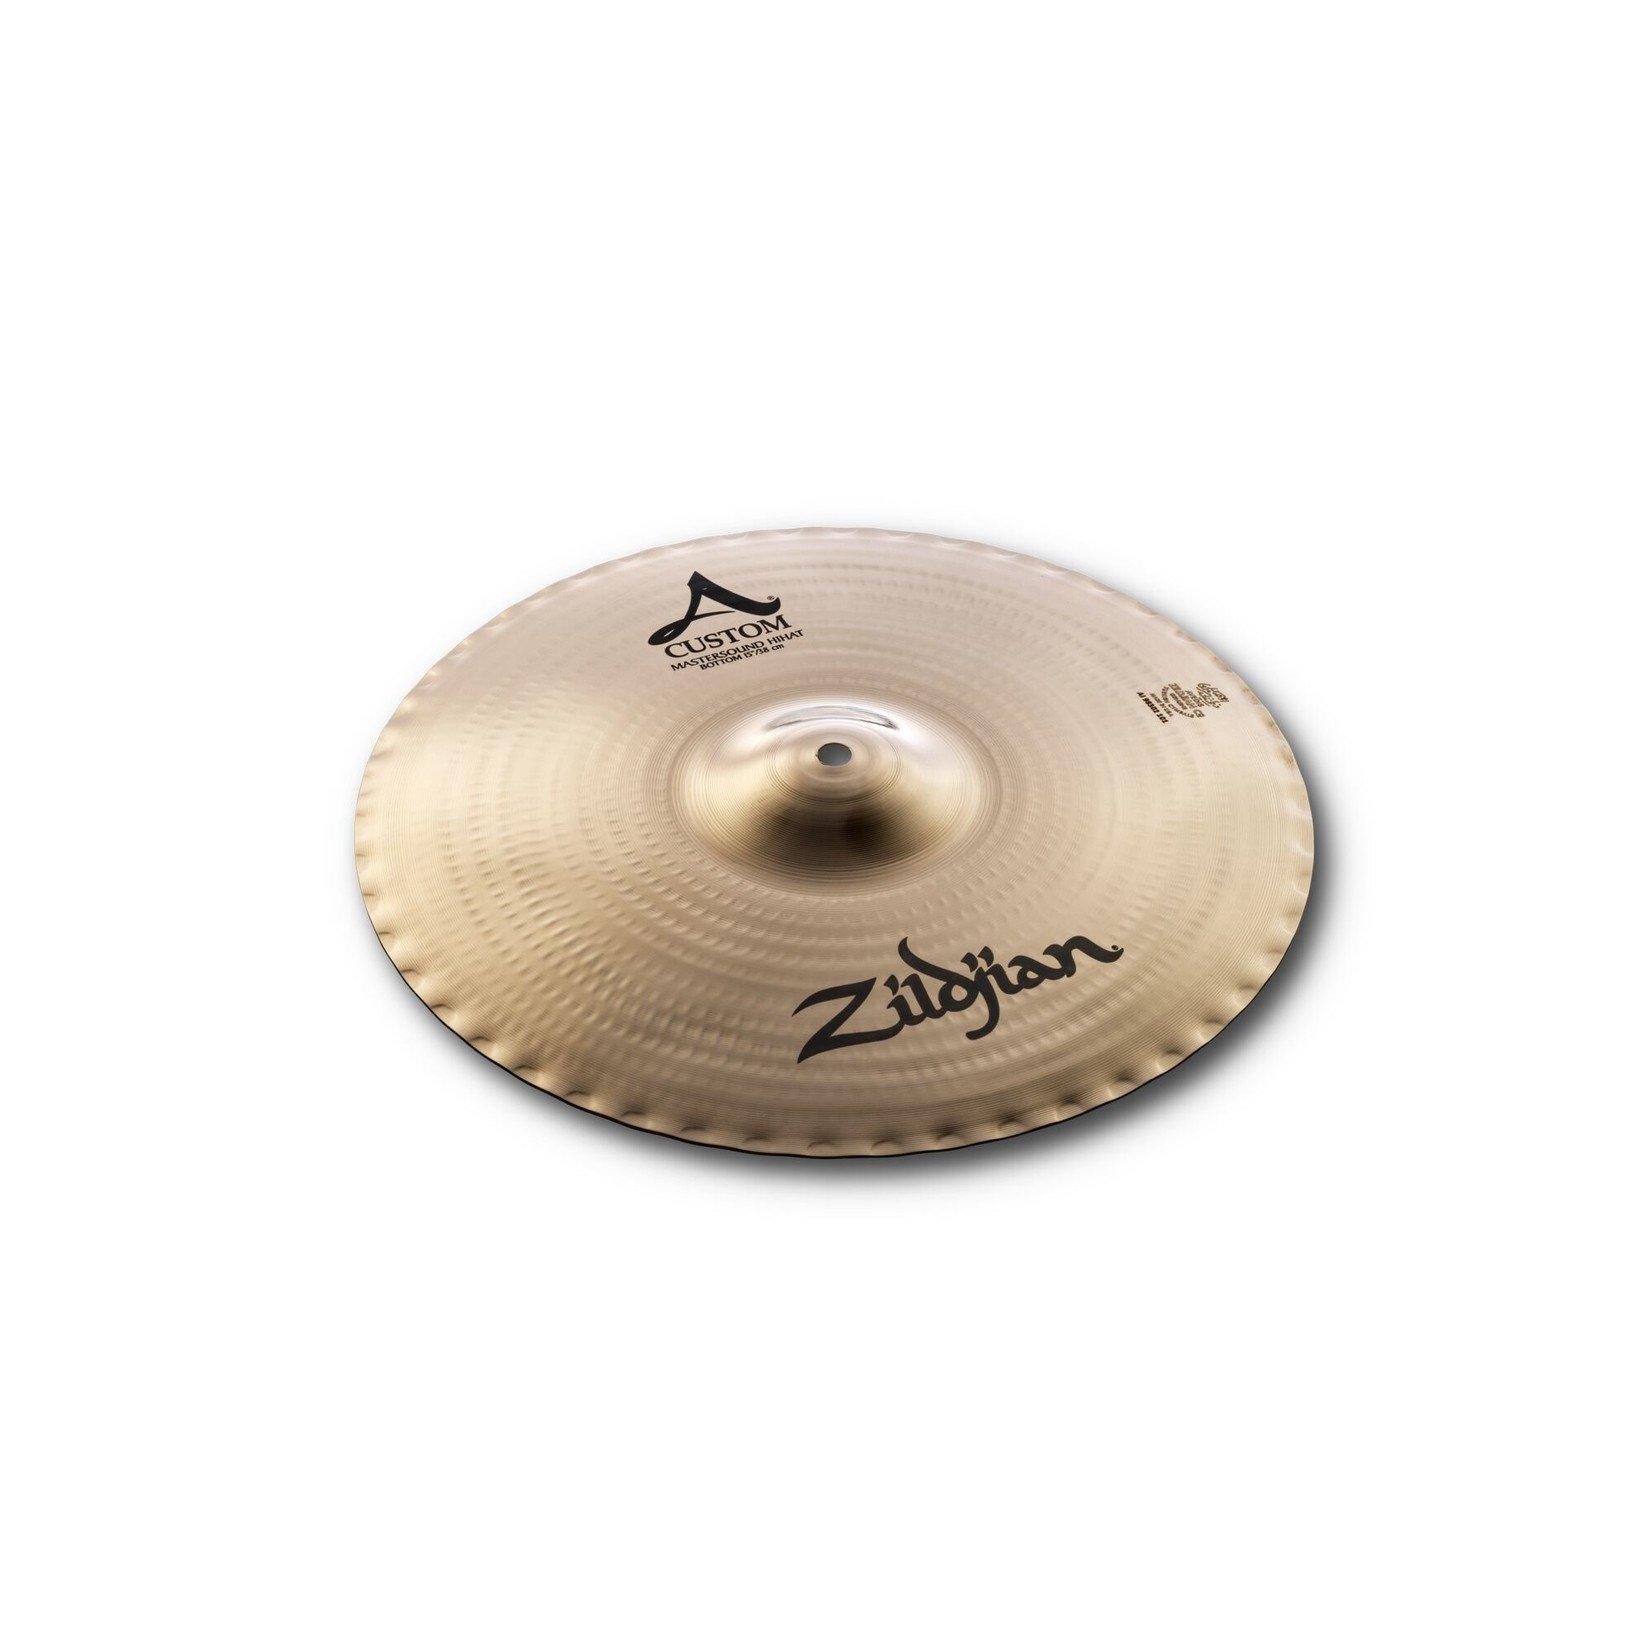 Zildjian Zildjian 15'' A Custom Mastersound HiHats - Pair